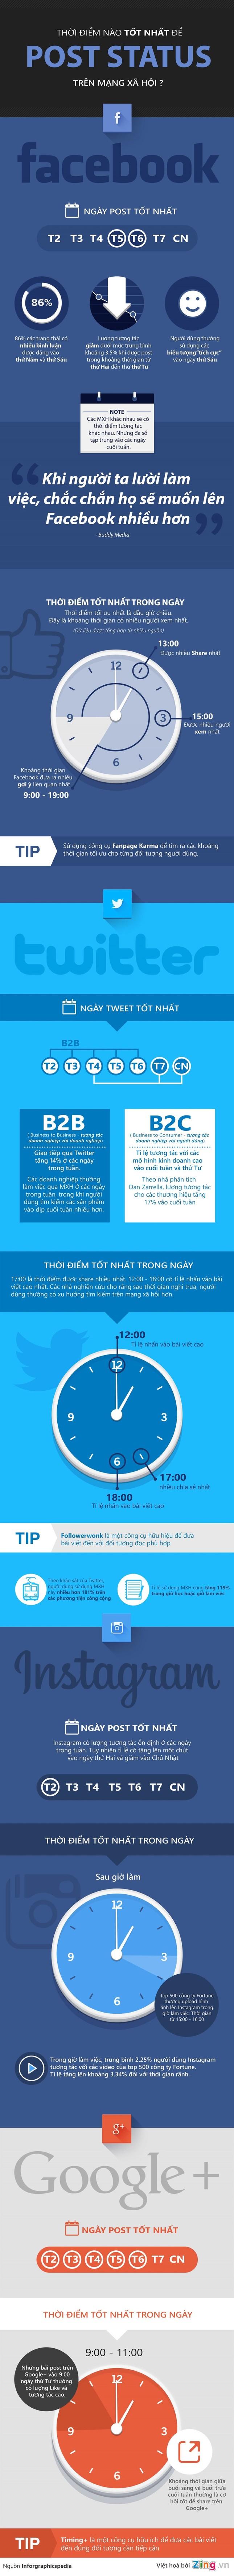 Infographic: Đăng status lên Facebook lúc nào để nhiều like? - ảnh 1